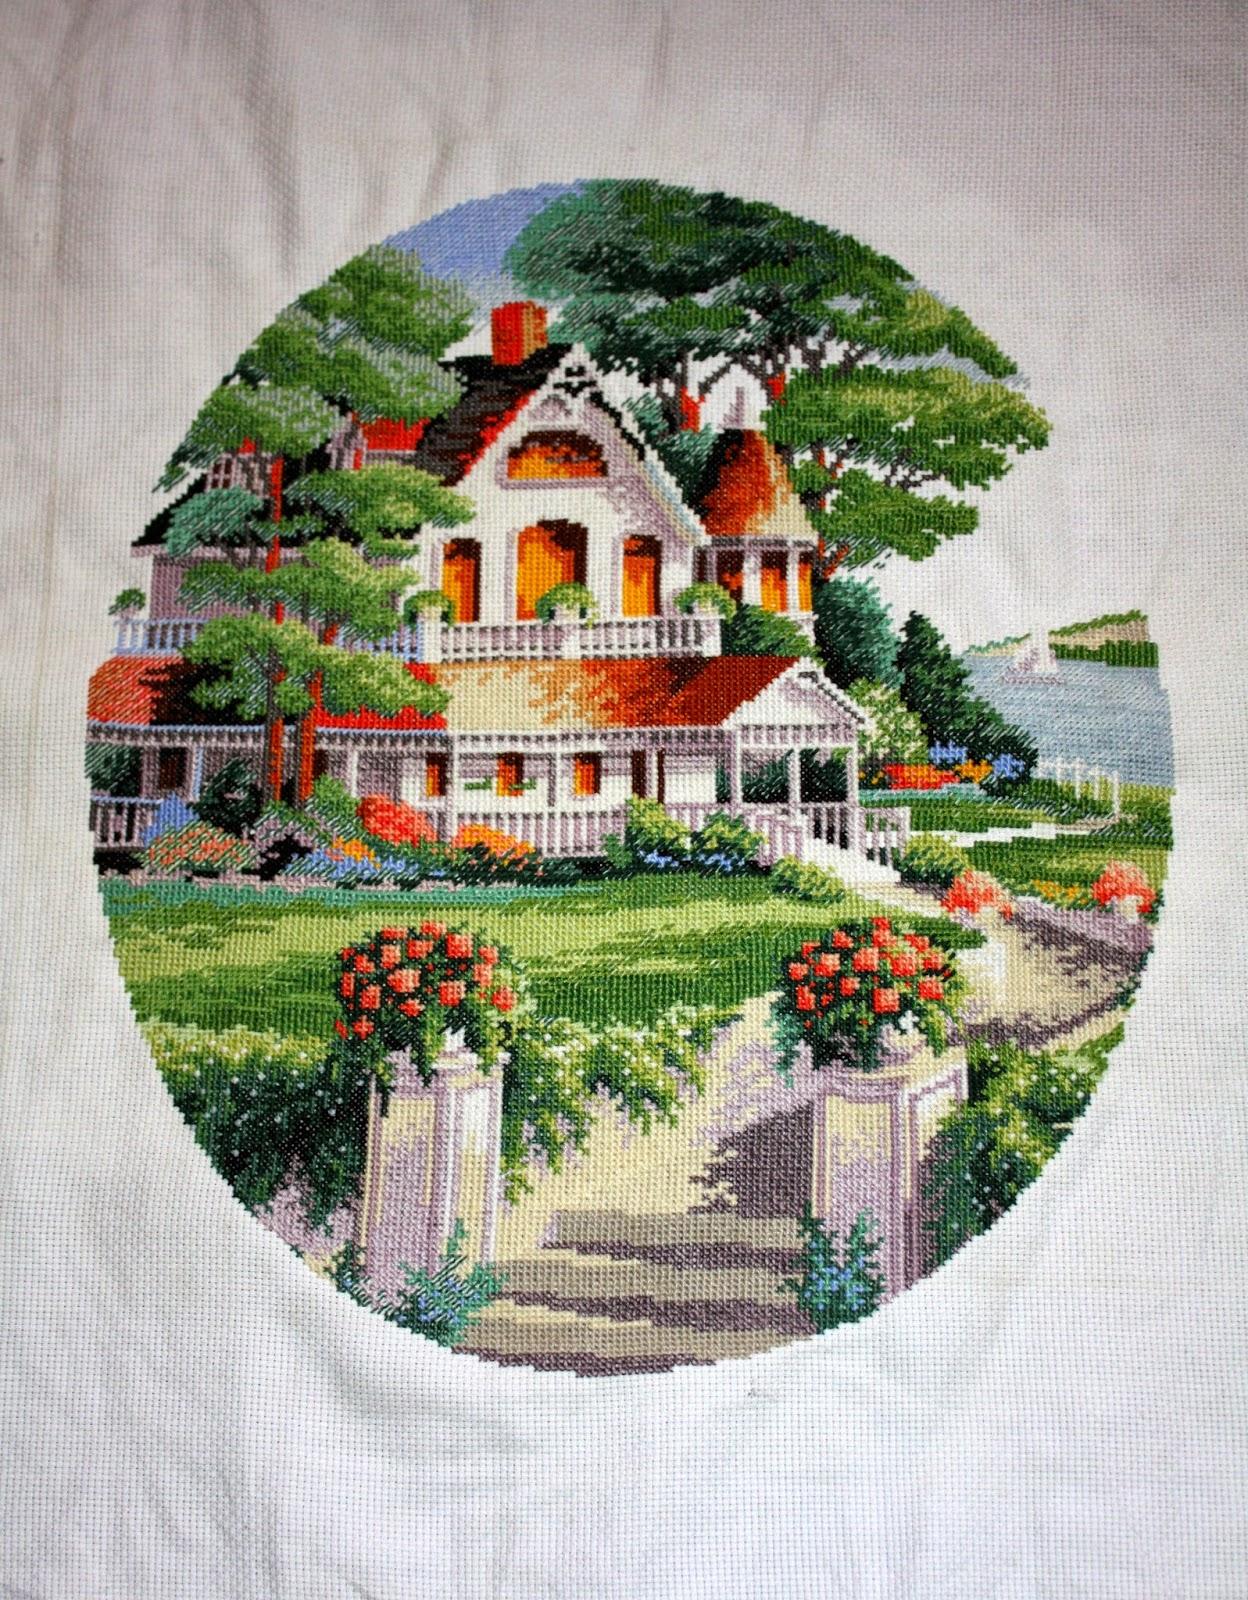 Вышивка дома от dimensions 372